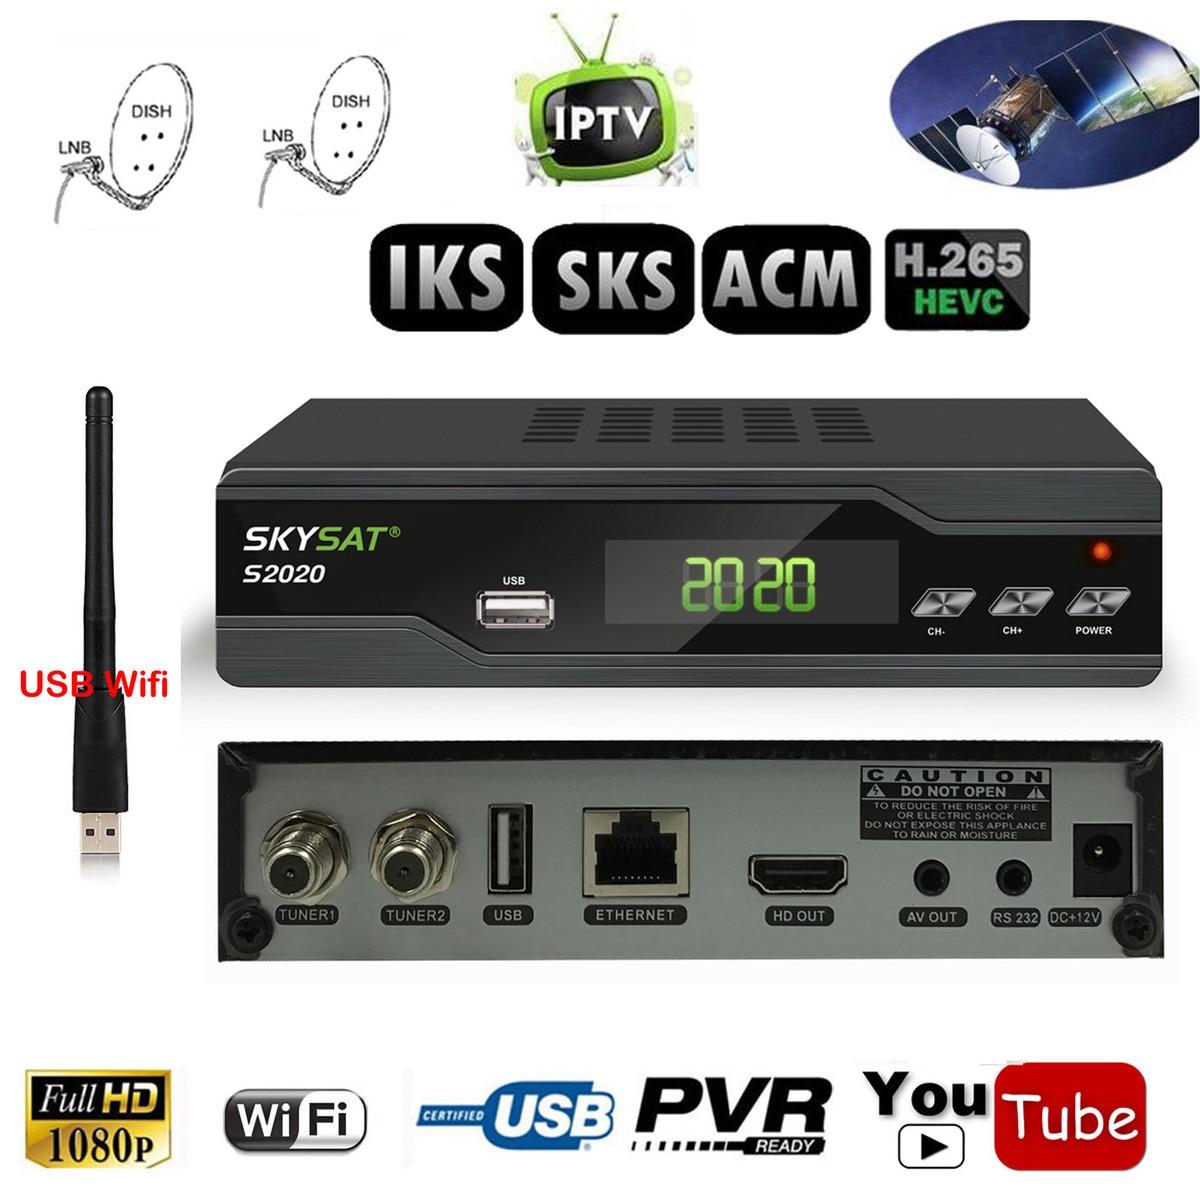 Double Tuner IKS SKS ACM IPTV H.265 Récepteur Satellite pour L'amérique Du Sud Europe Moyen-Orient Asie Soutien Wifi 3g cccam IKS CS DLNA